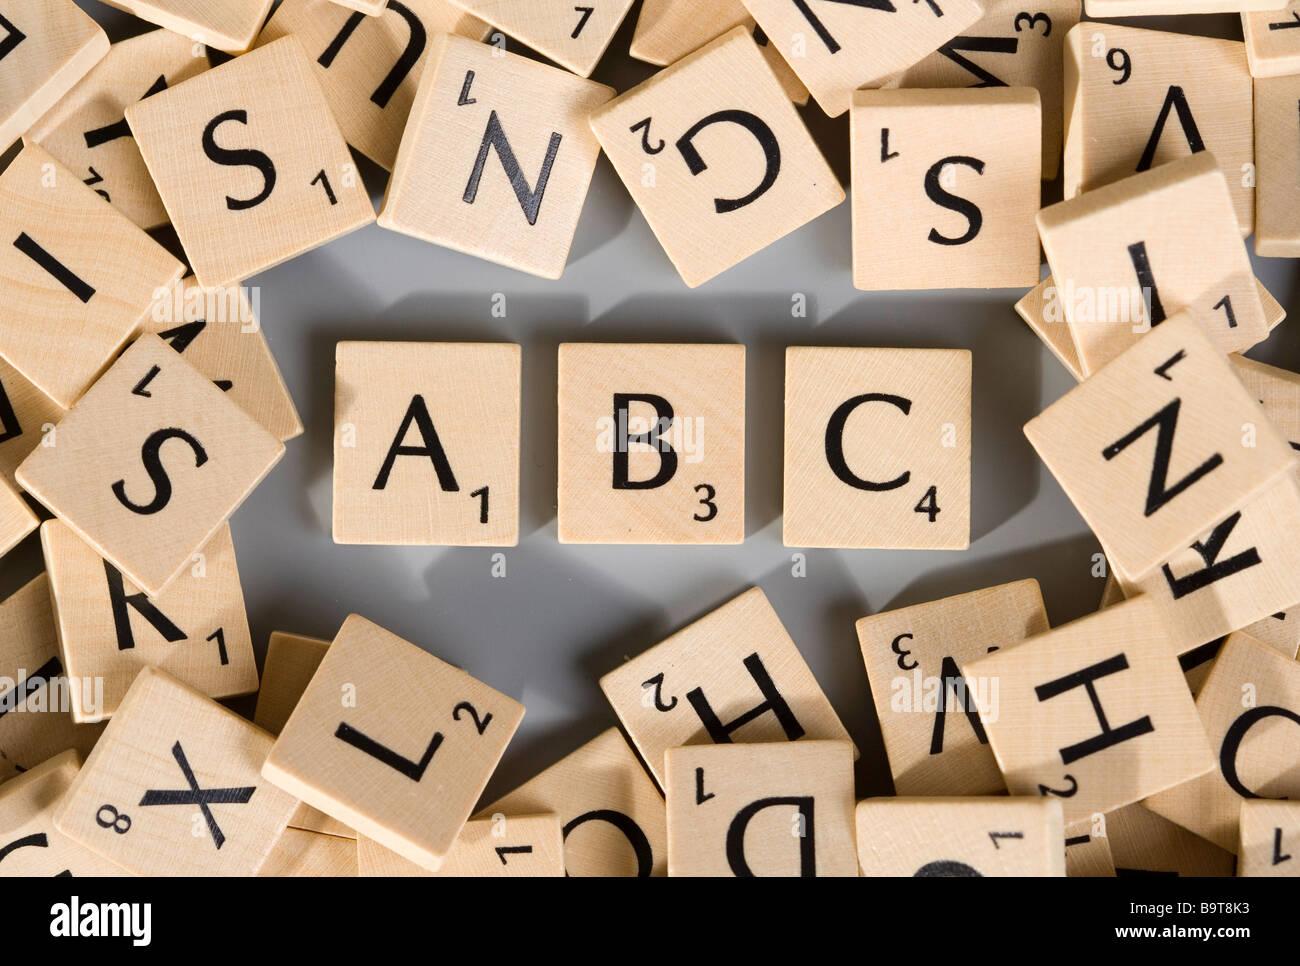 Piezas de Scrabble con numerosos tipos de letras que forman ABC Imagen De Stock